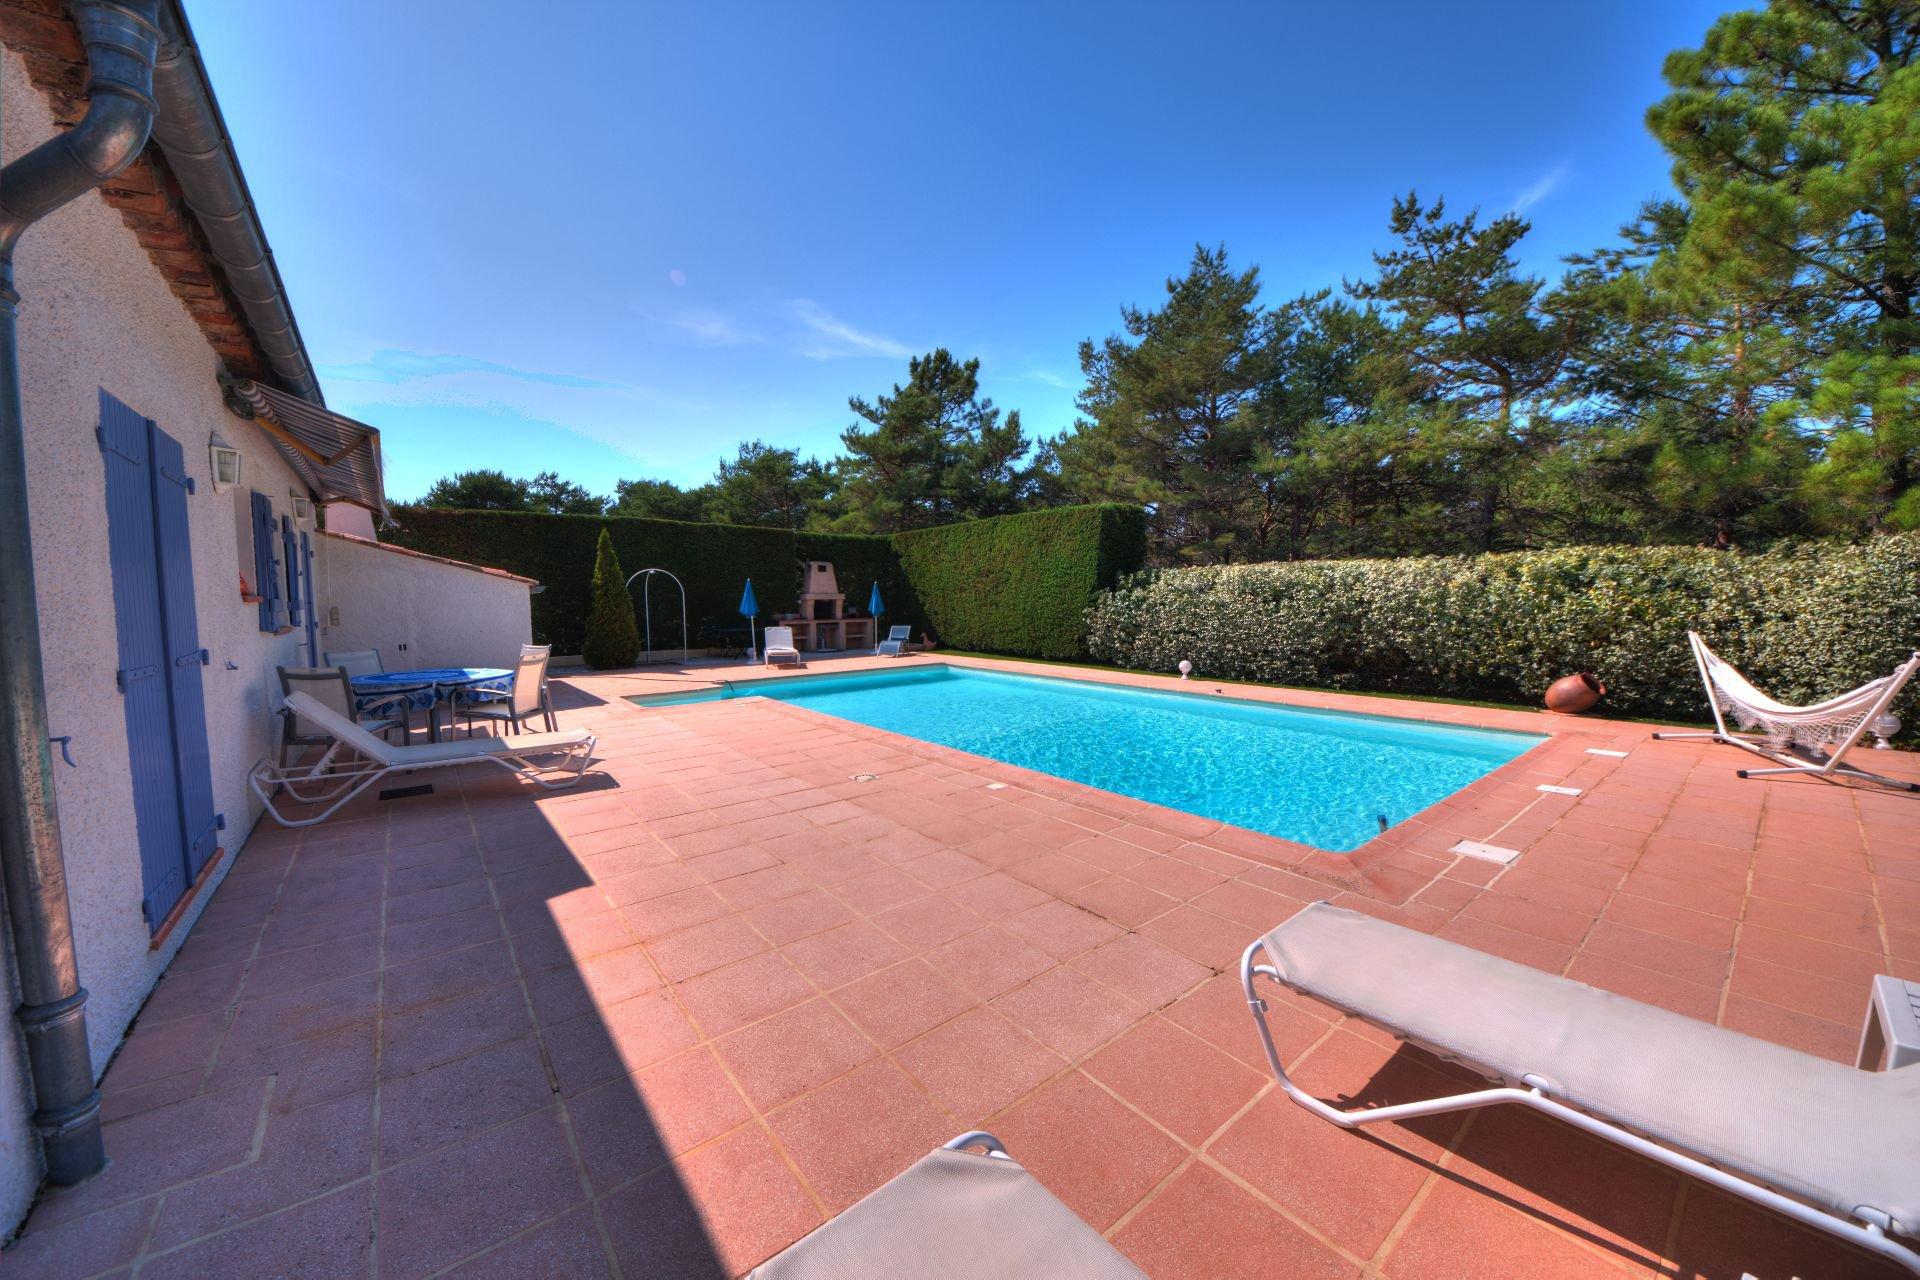 Tourtour, jolie maison rénovée avec piscine - Var Provence